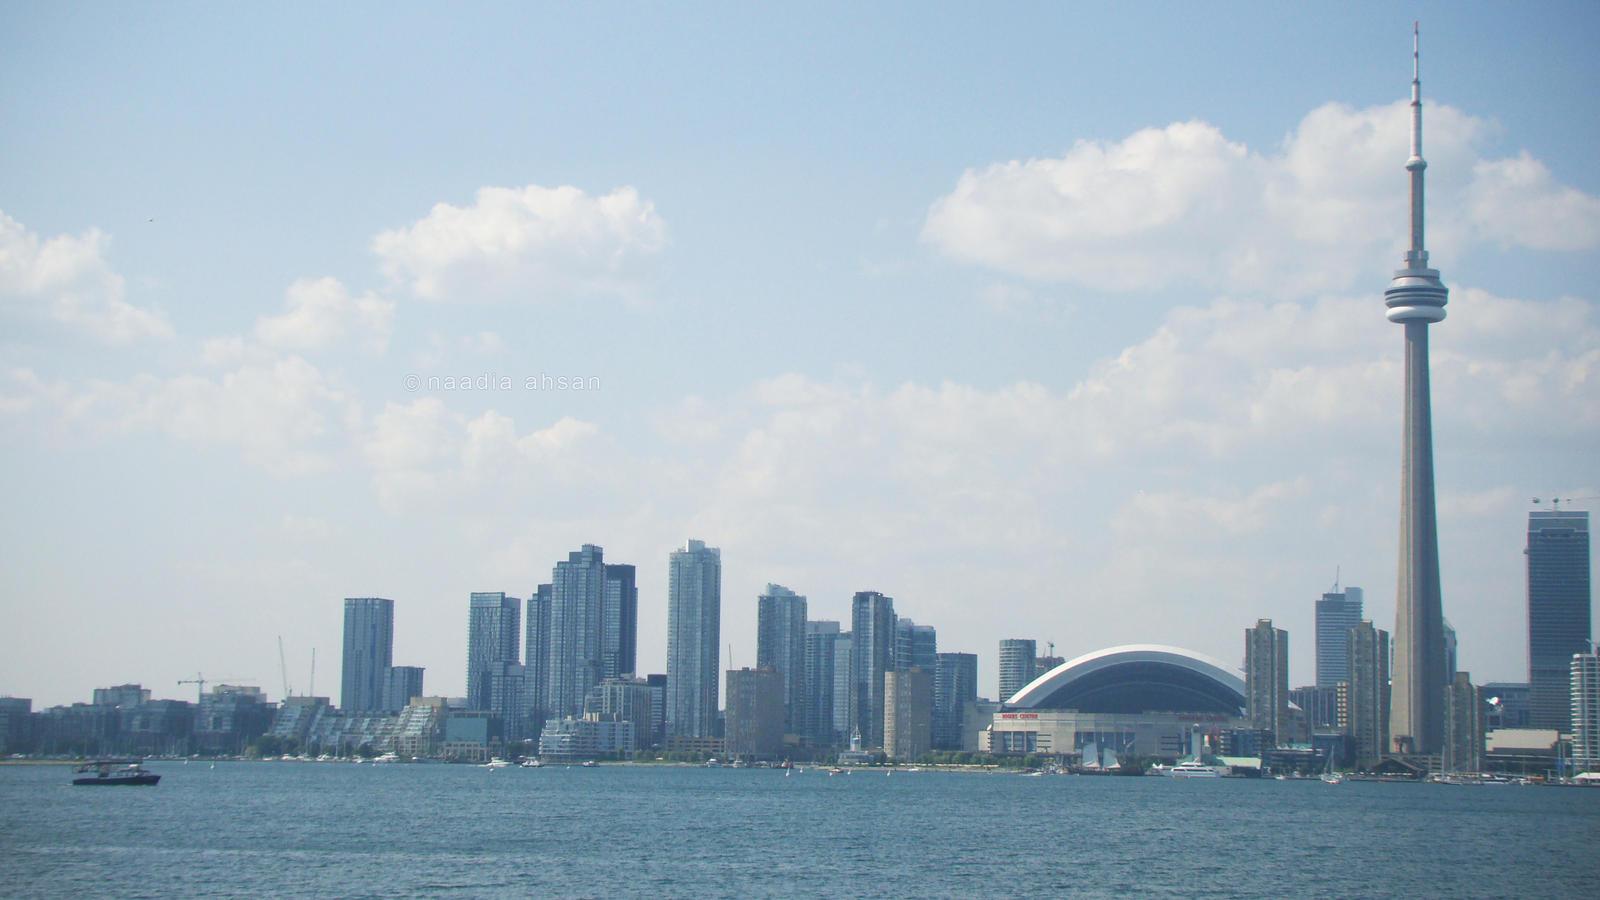 Toronto III by Resensitized